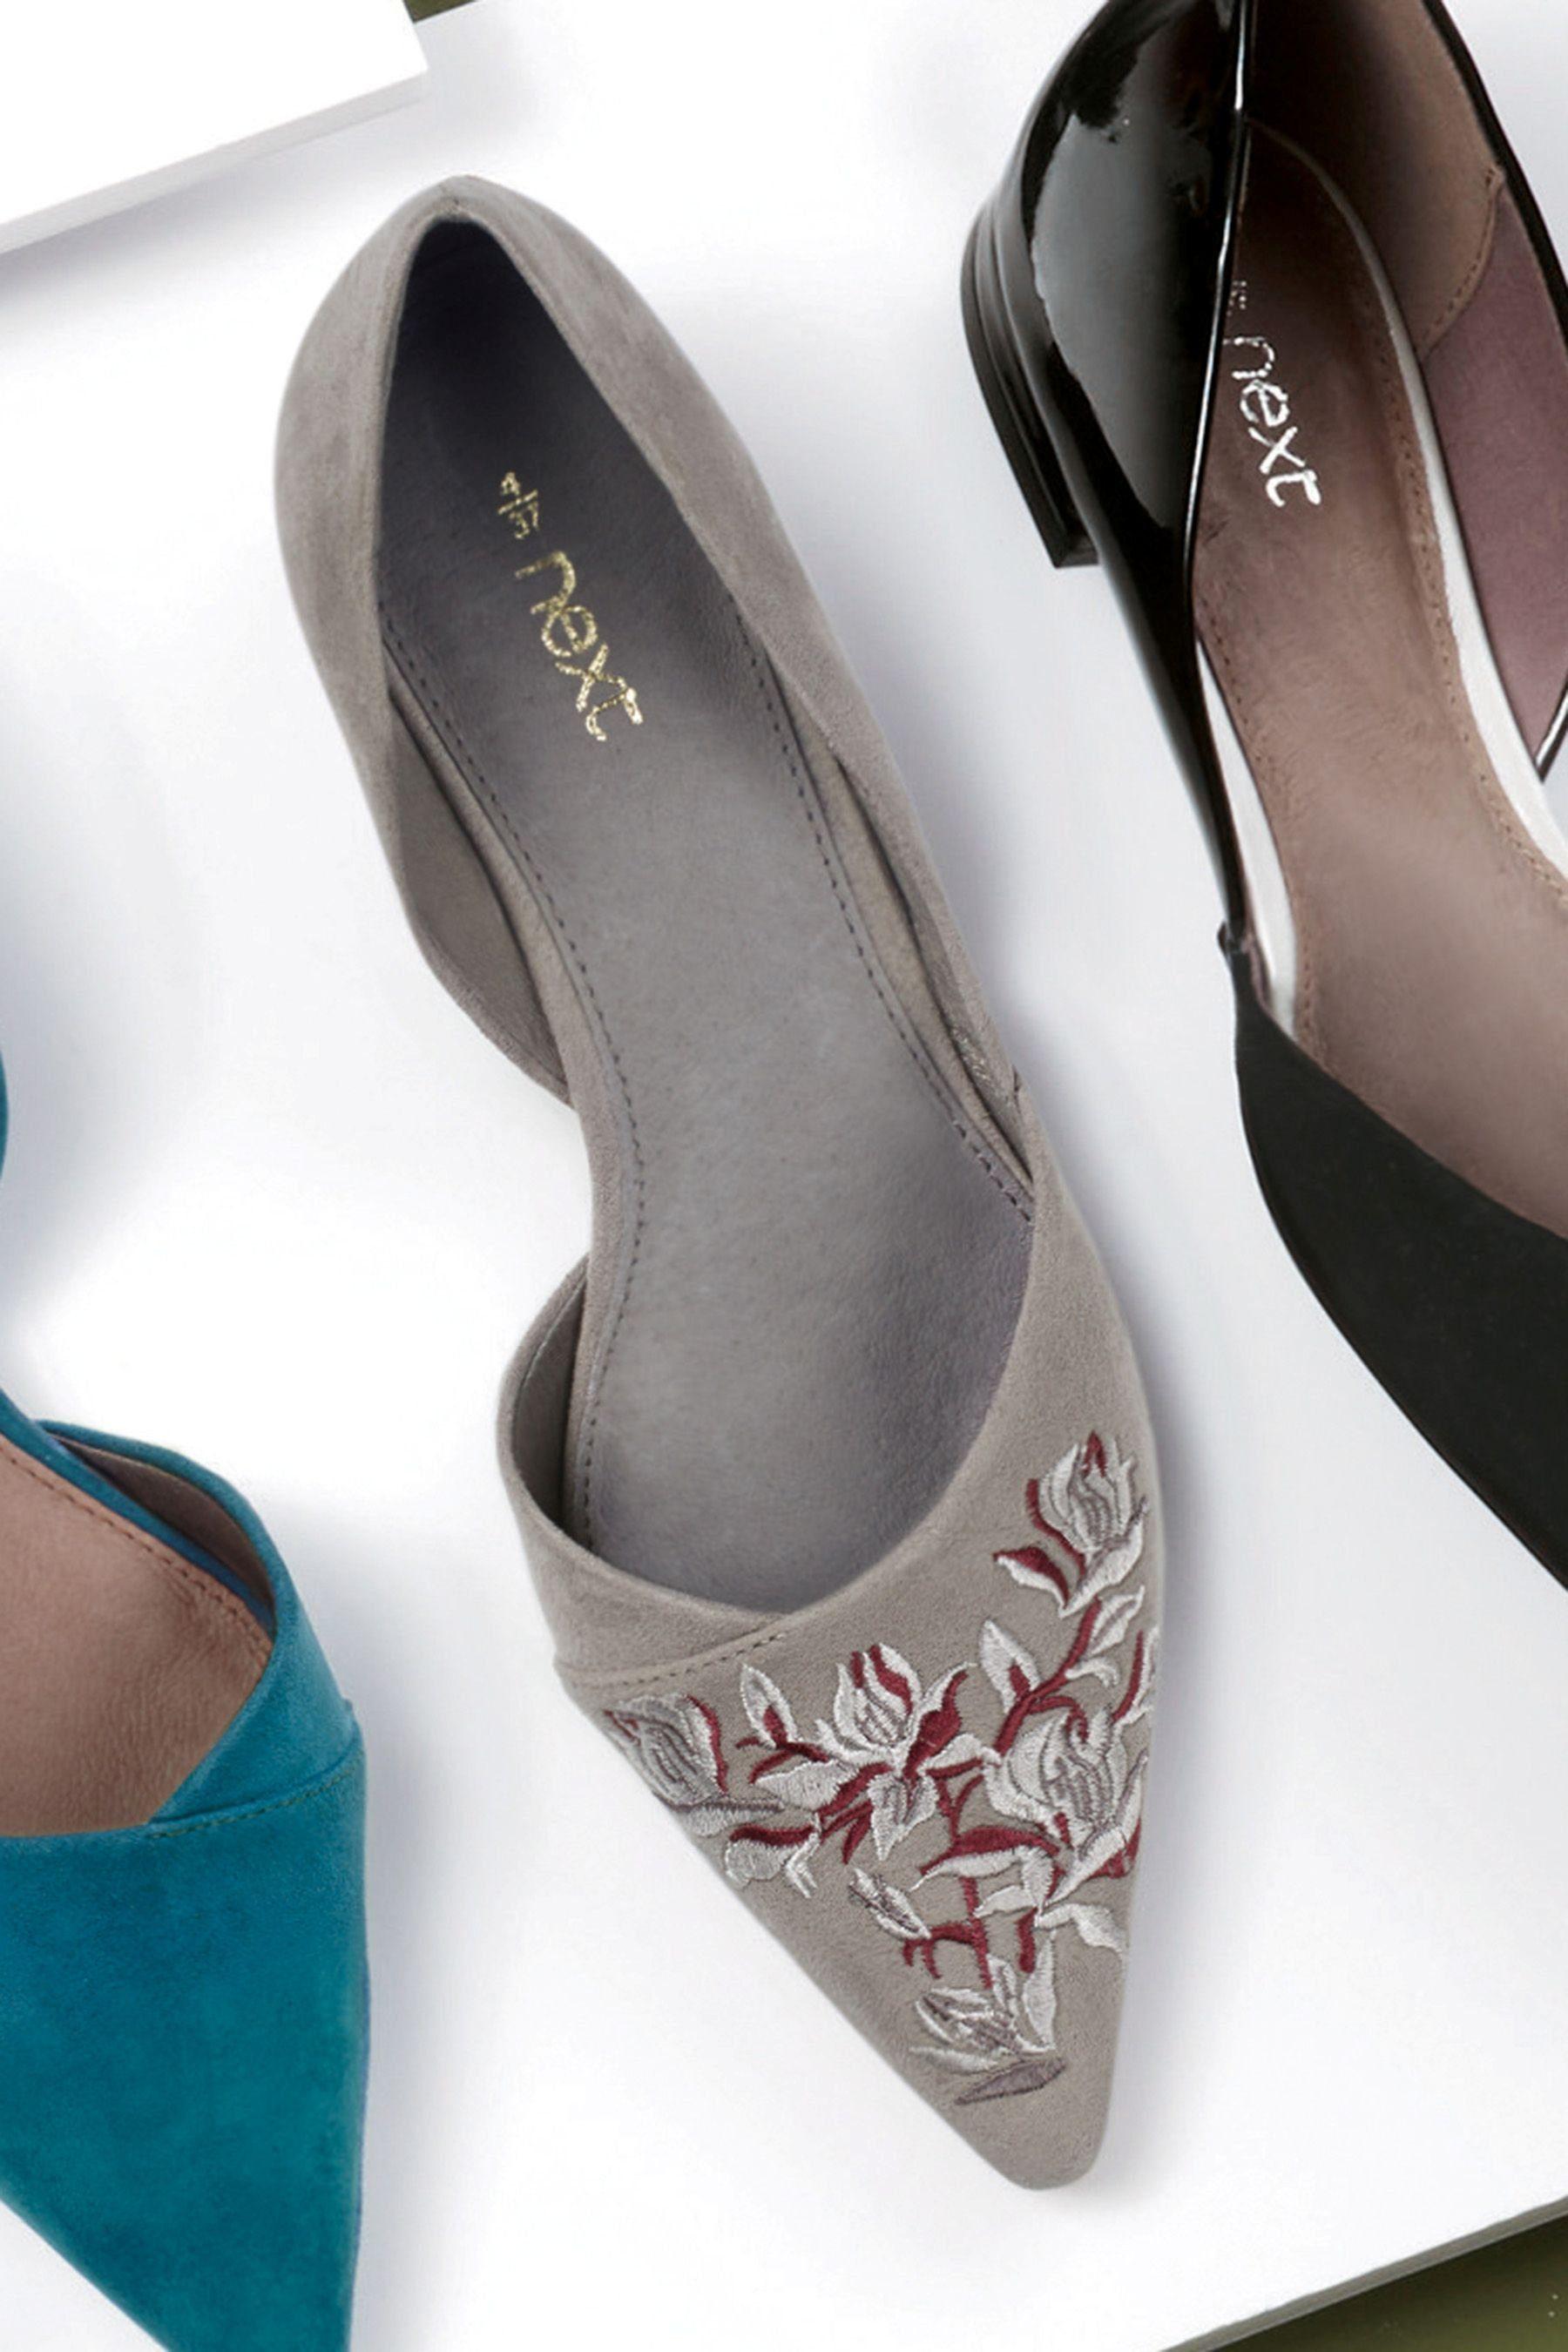 Next Zweiteilige, spitz zulaufende Schuhe kaufen  Grey Embroidered